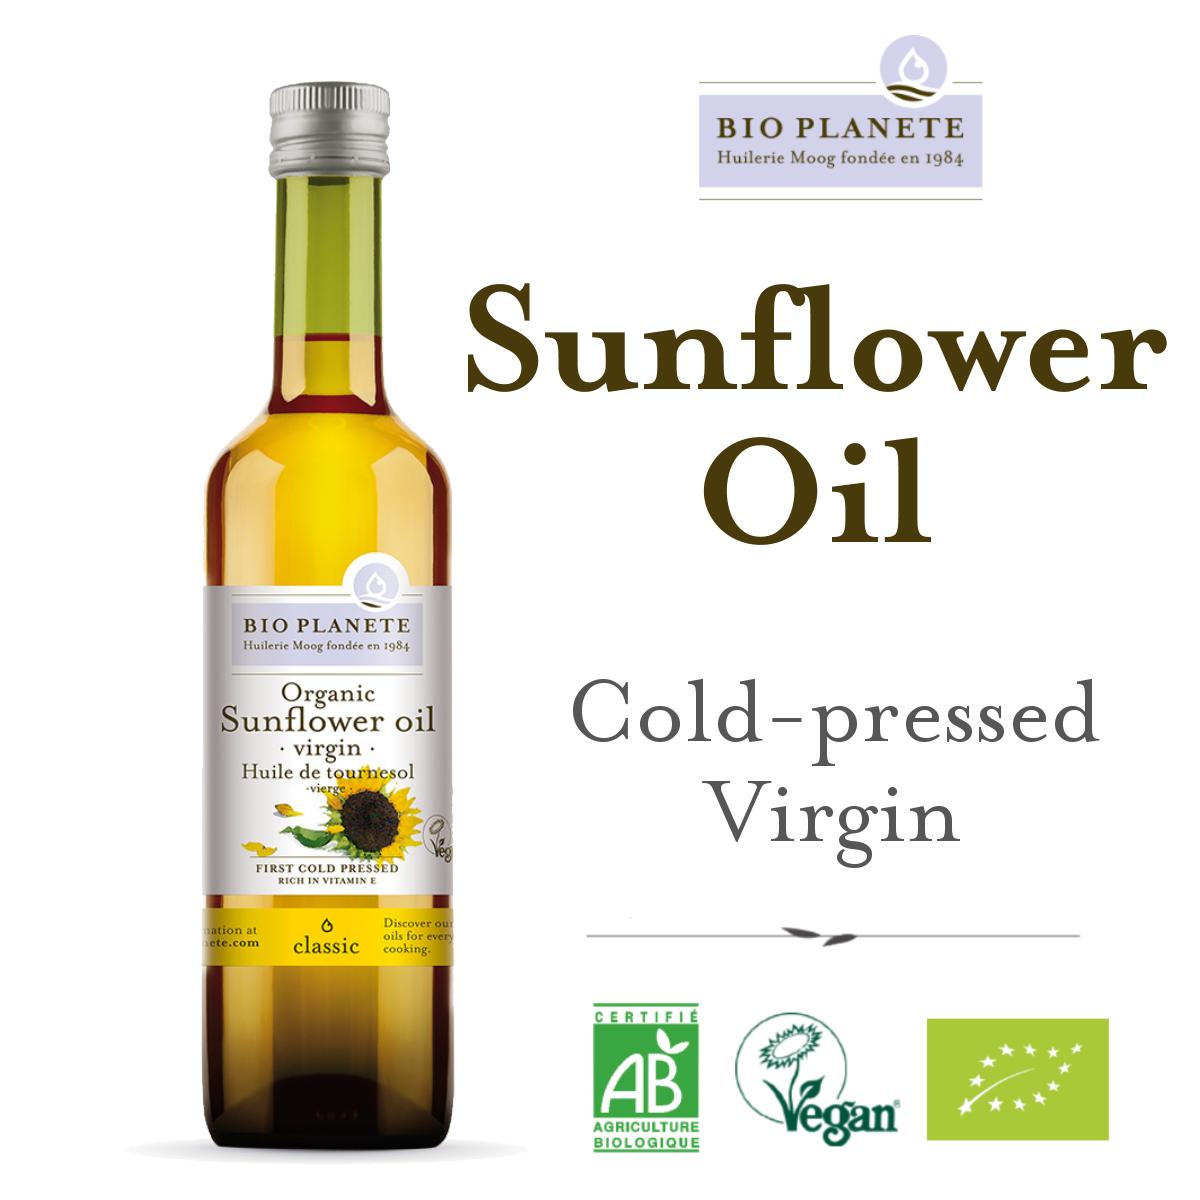 BIO PLANETE Virgin Sunflower Oil (500ml) - Rich in Vitamin E